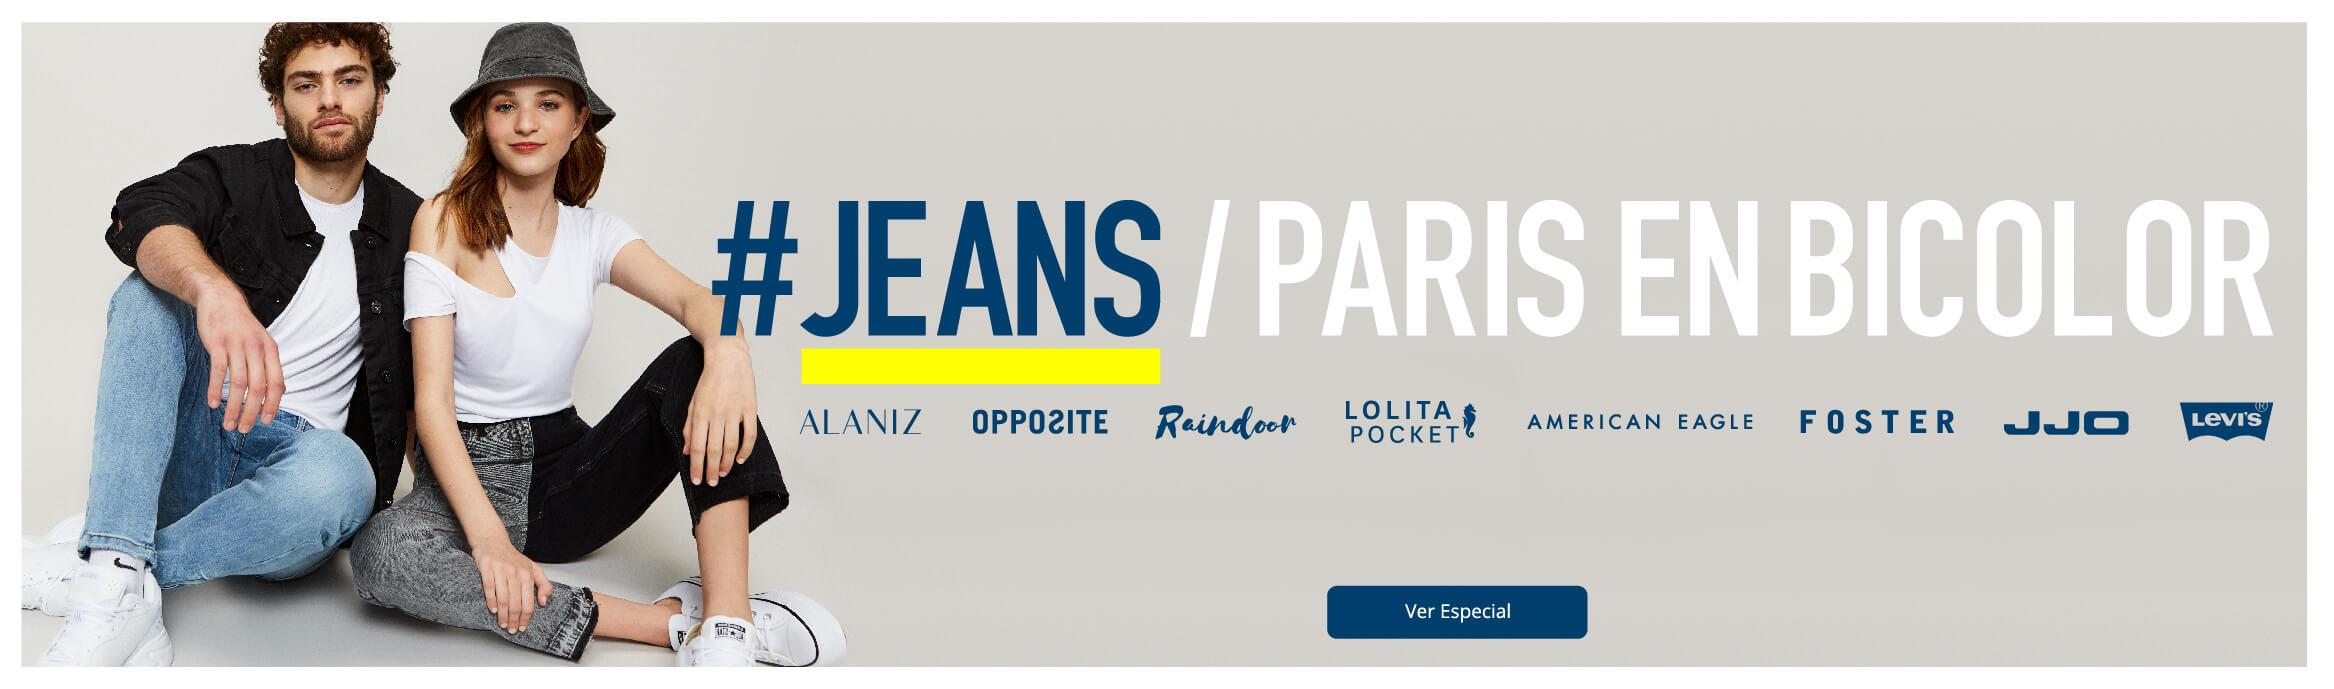 Jeans Paris en Bicolor